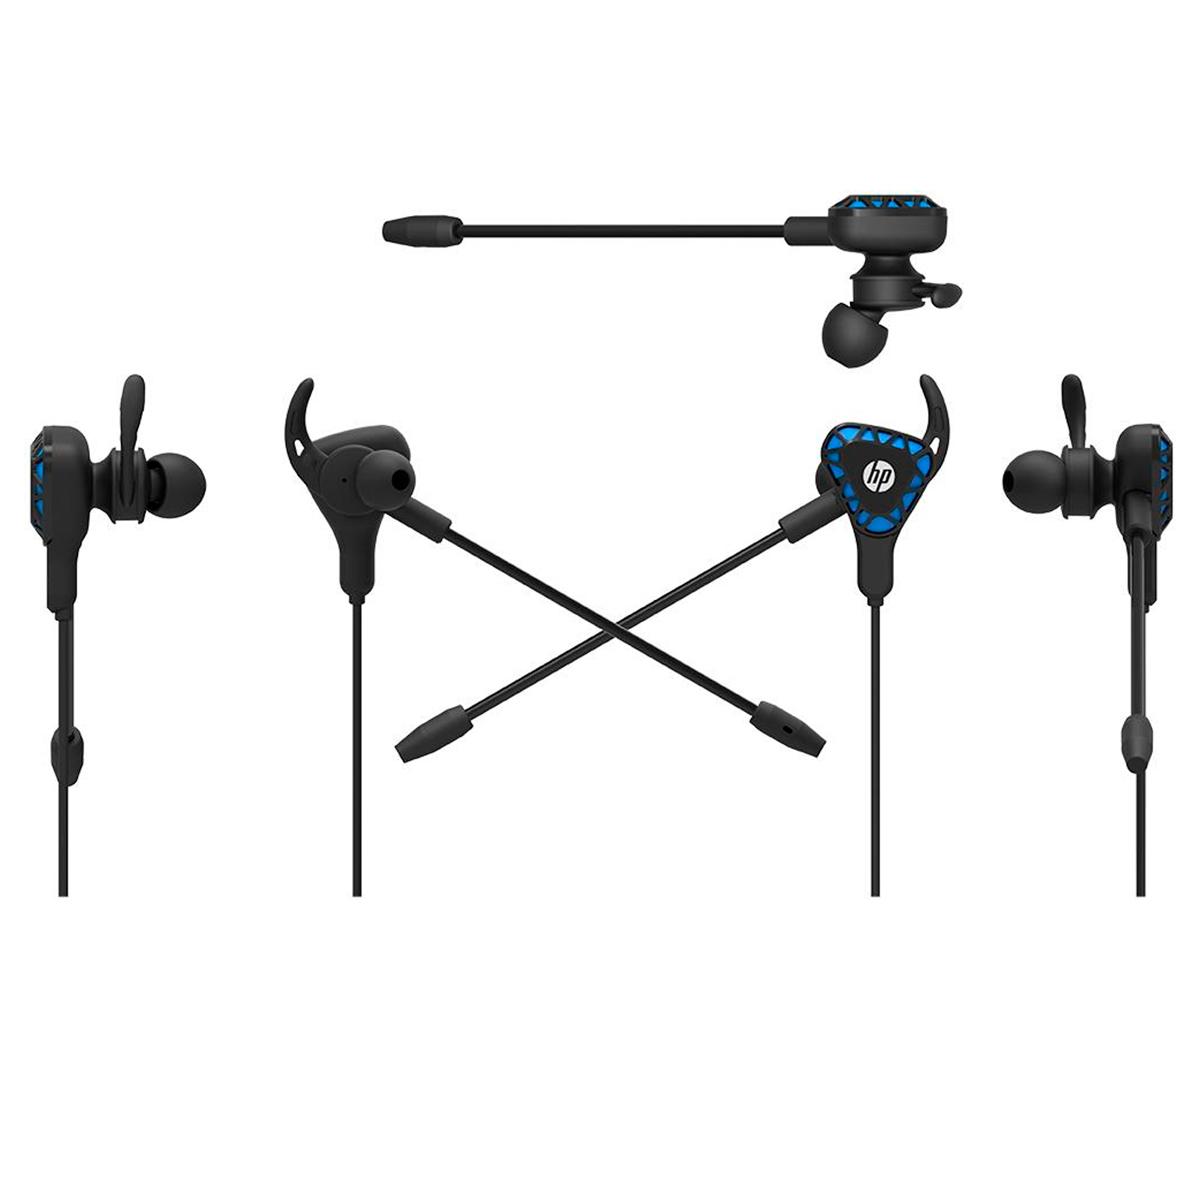 Fone de Ouvido Gamer Intra HP H150, P2 3.5 mm, C/Microfone, Preto